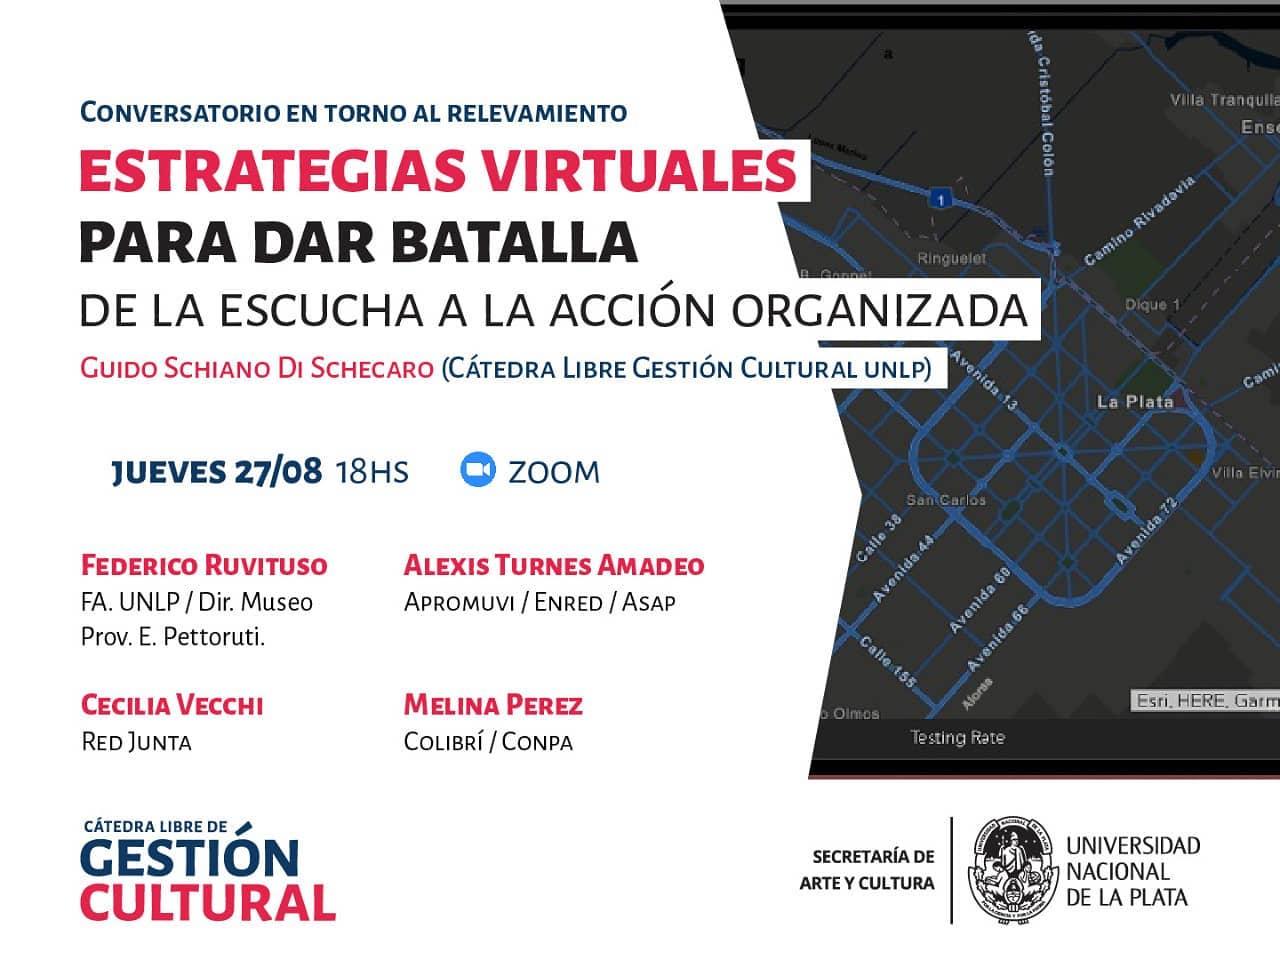 """Flyer invitando al conversatorio """"Estrategias virtuales para dar batalla"""""""